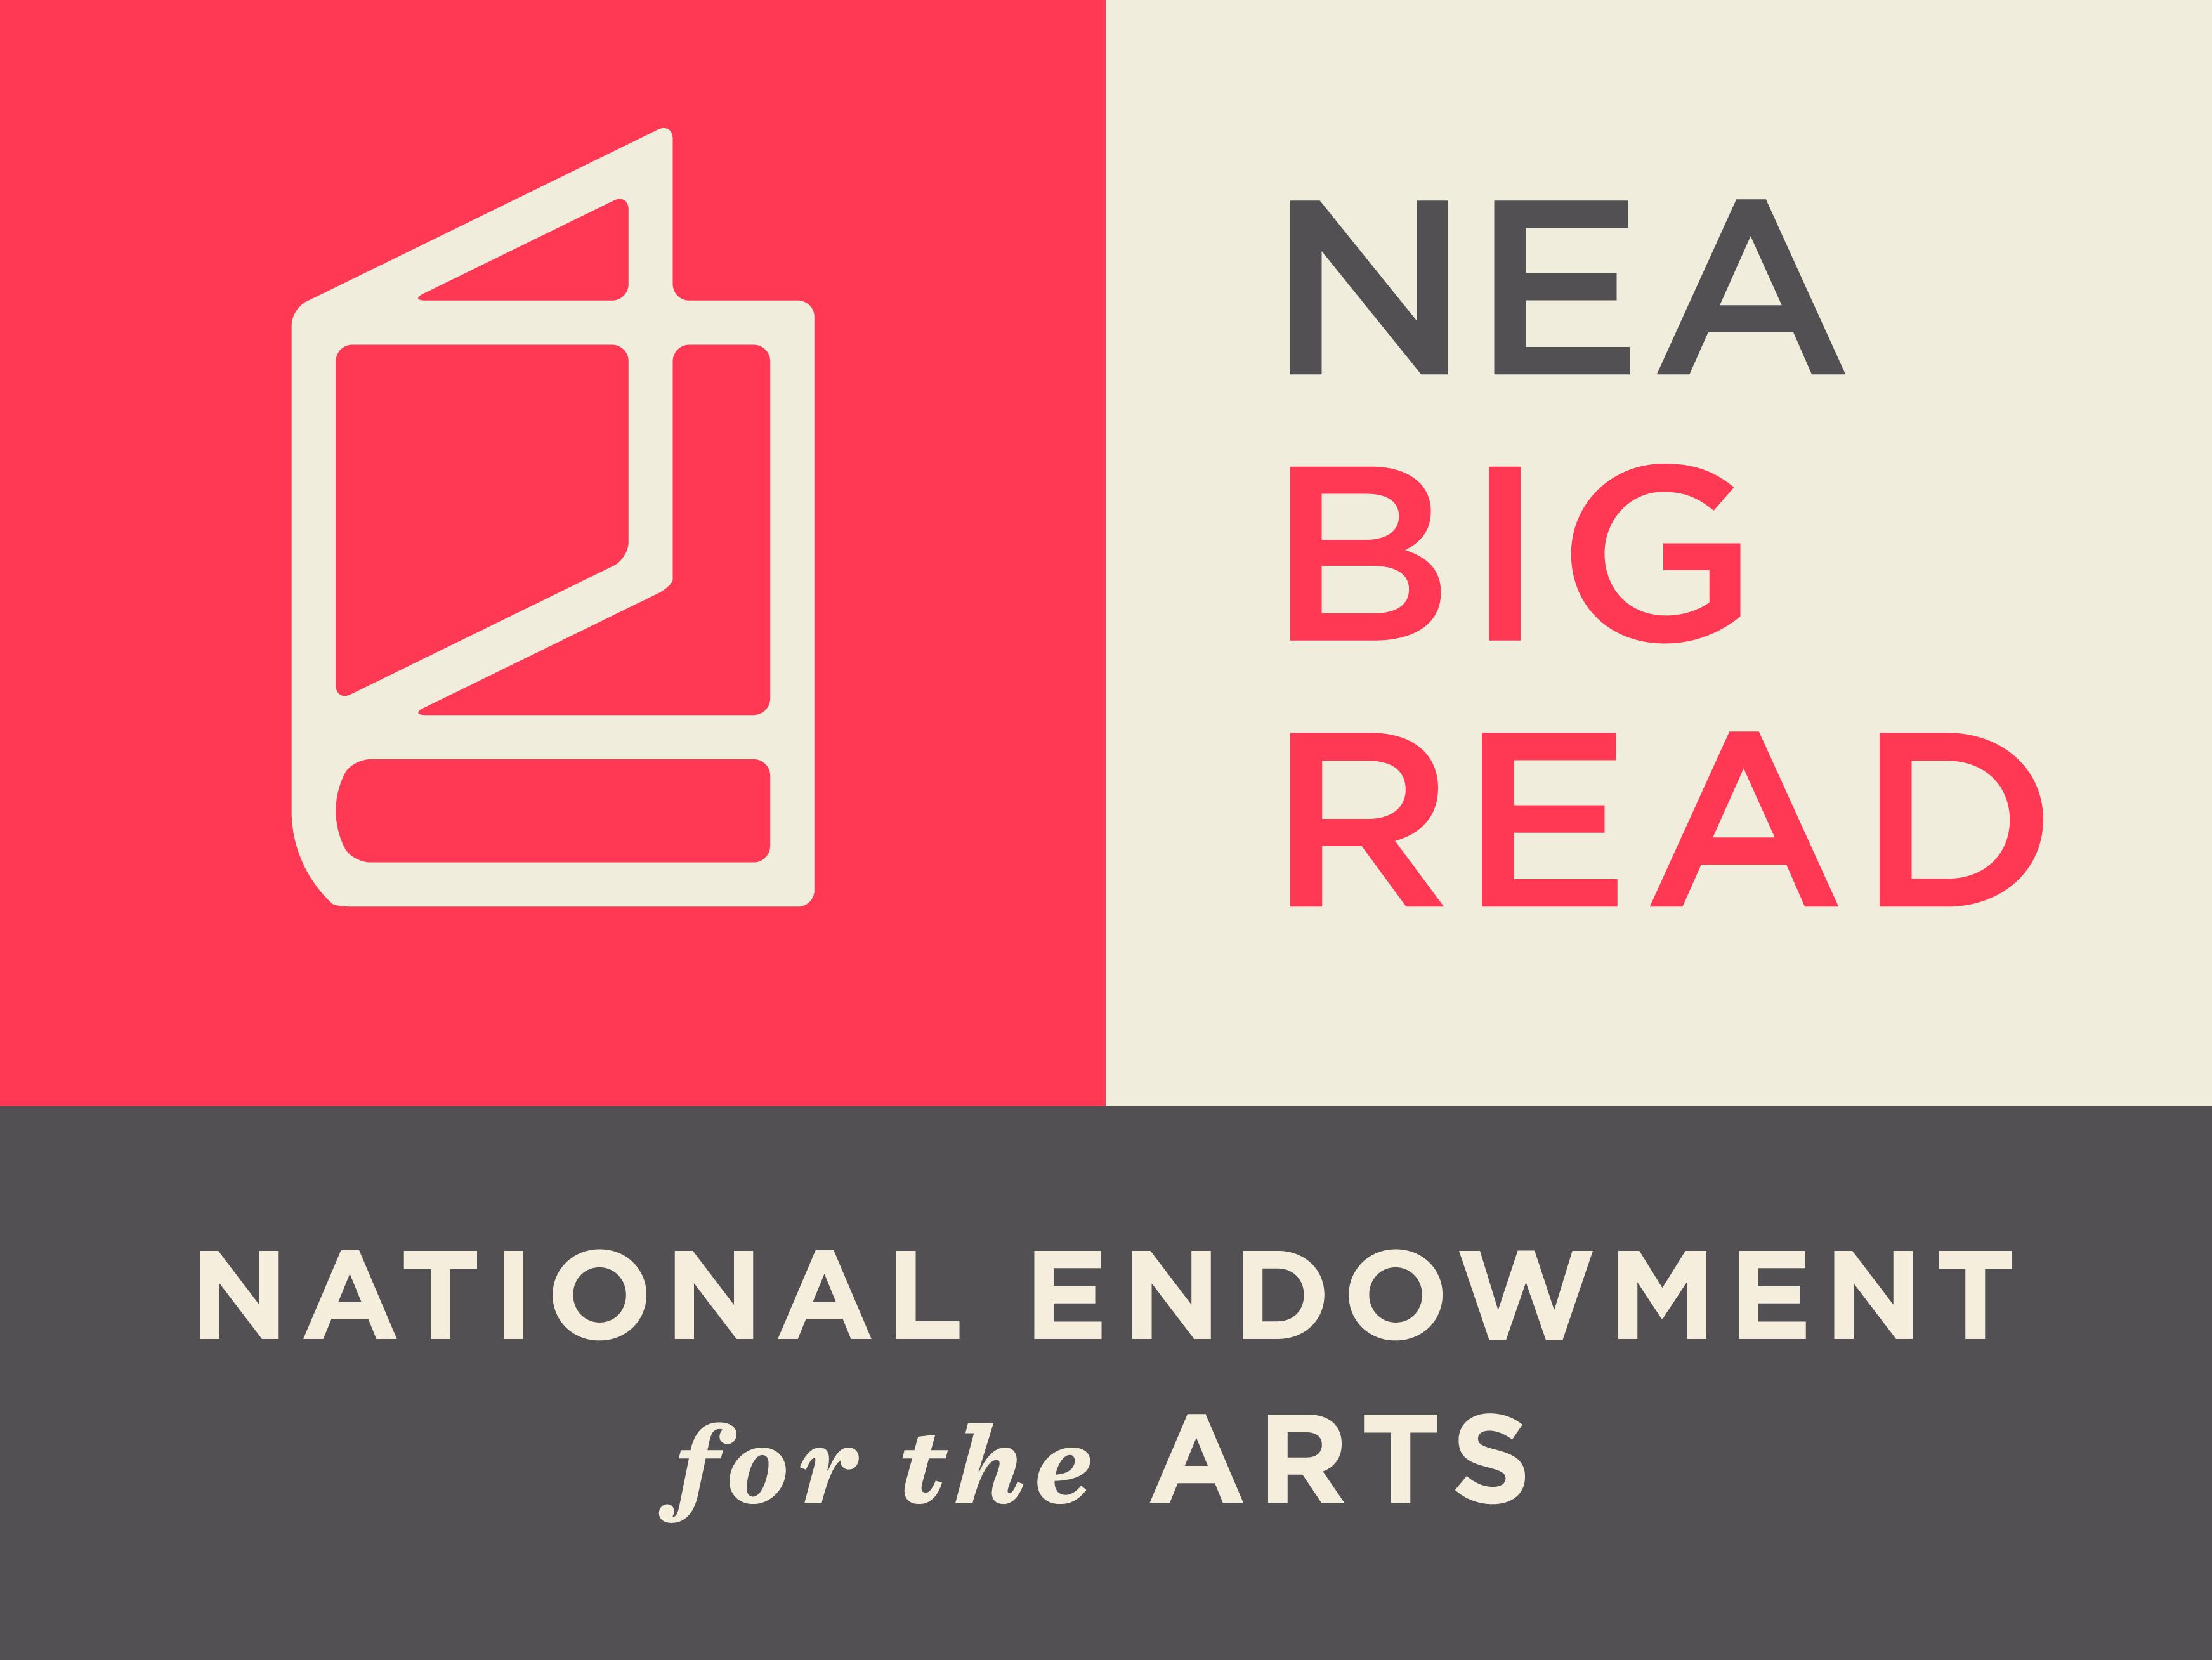 nea_big_read_02_300_dpi